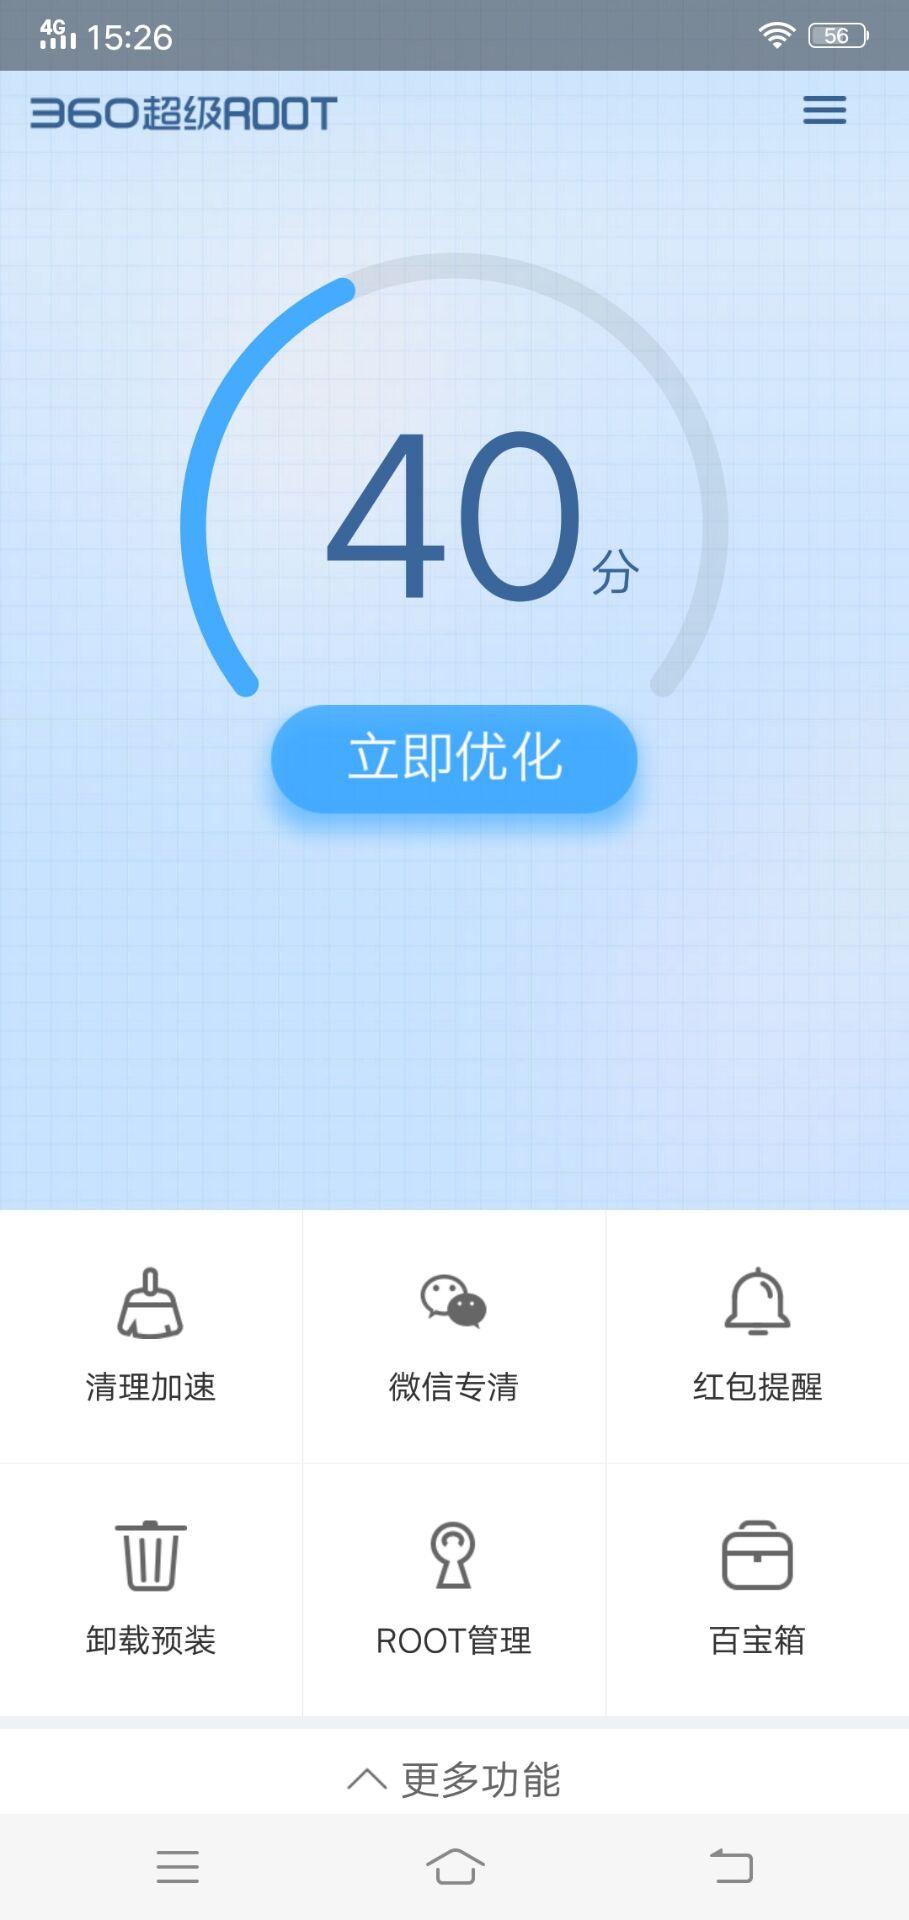 【资源分享】360超级root-爱小助